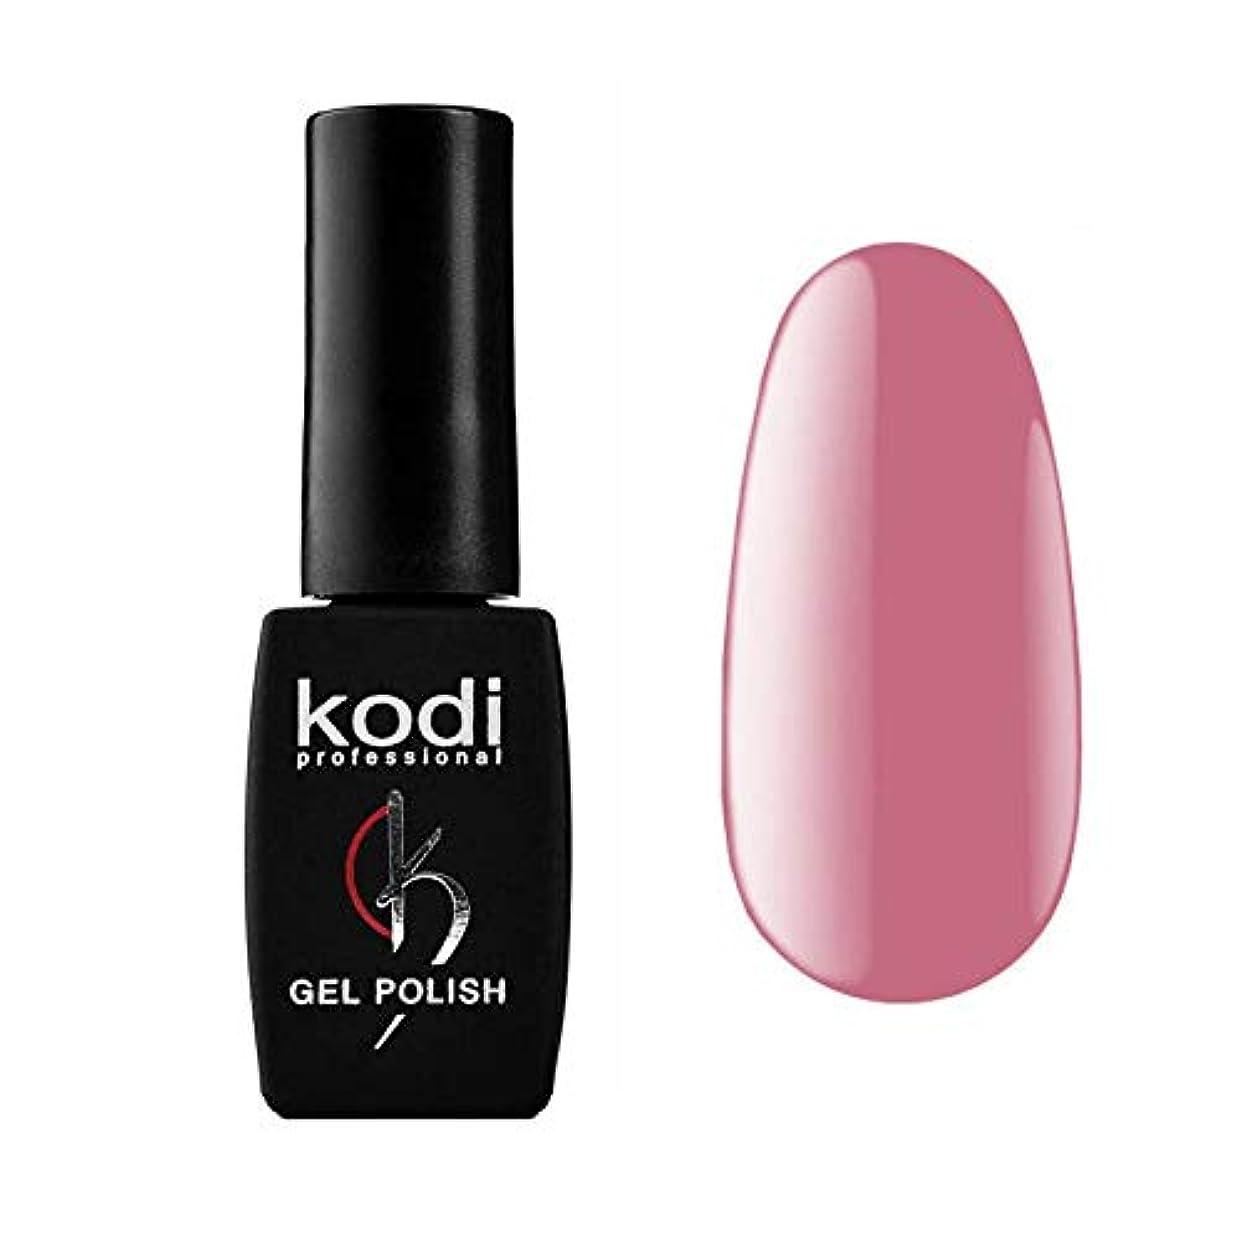 ブラジャーコテージ海港Kodi Professional New Collection P PINK #30 Color Gel Nail Polish 12ml 0.42 Fl Oz LED UV Genuine Soak Off